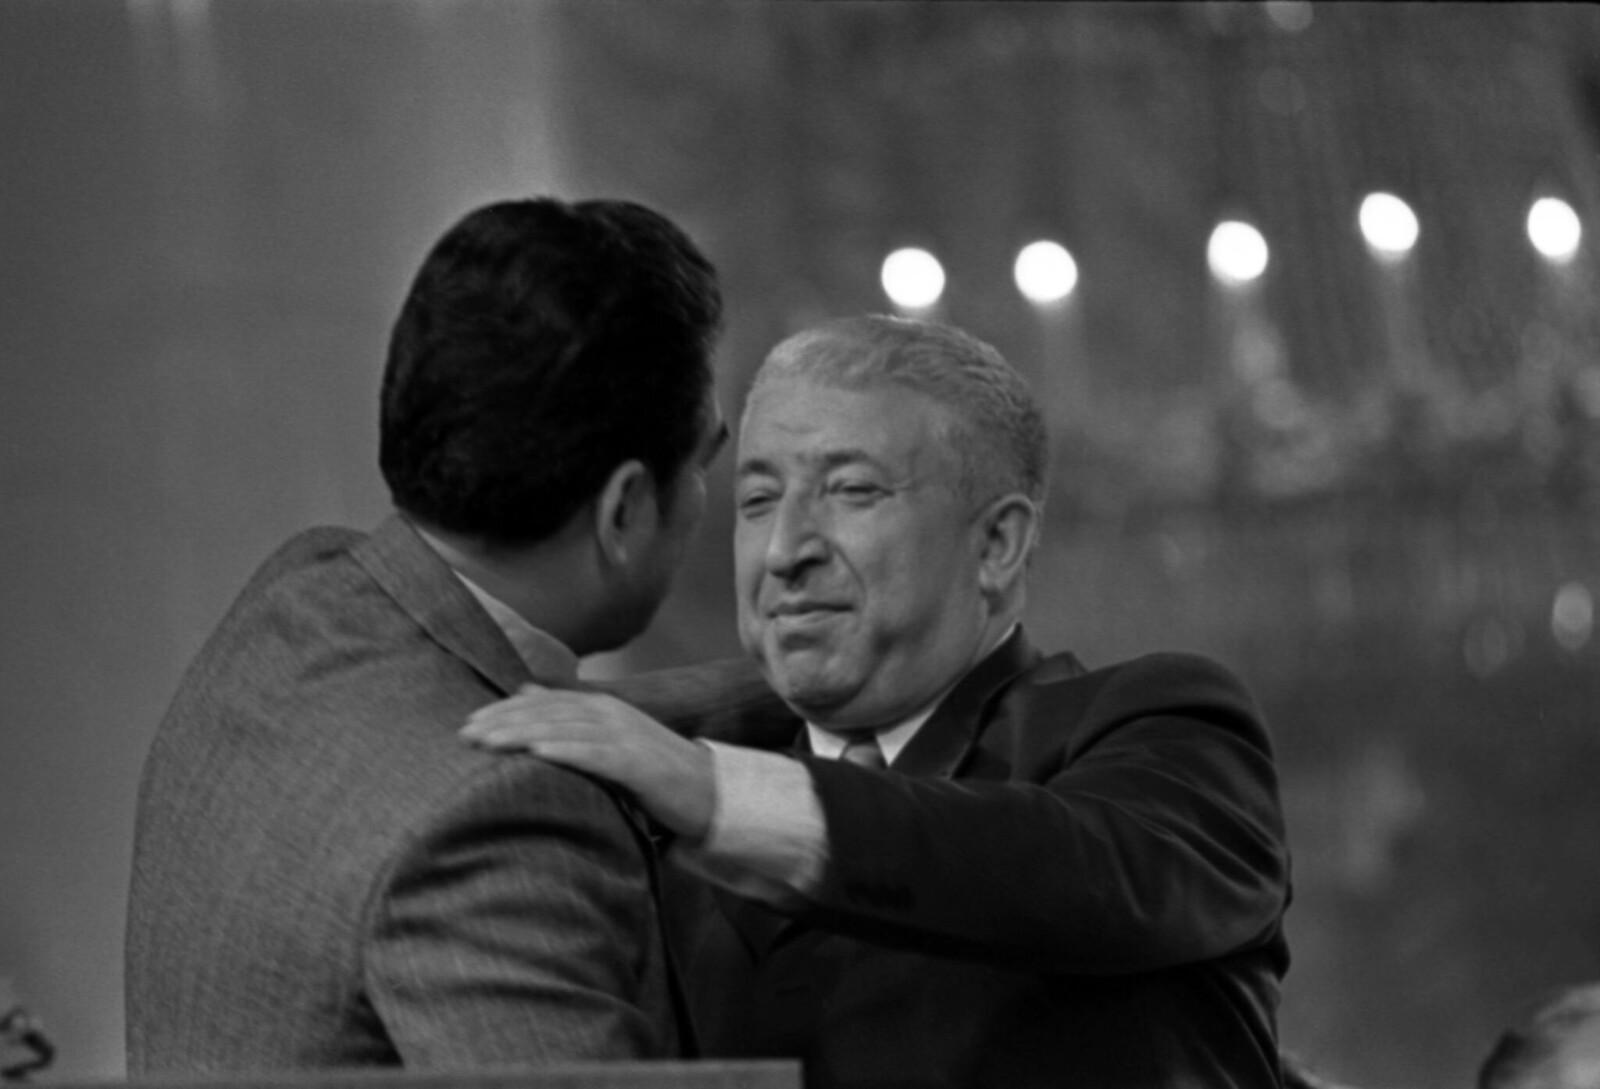 1975. Вечер Расула Гамзатова в Колонном зале Дома Союзов, Чингиз Айтматов и Расул Гамзатов.